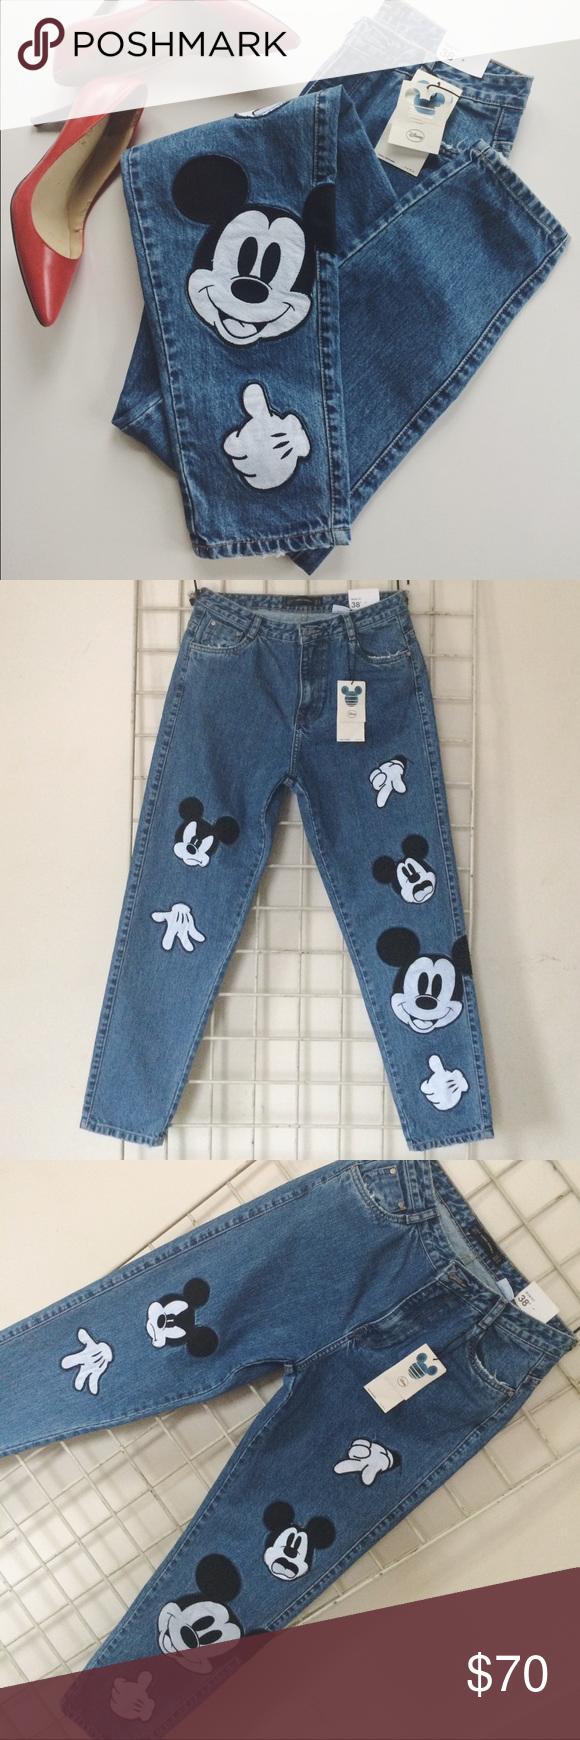 تقدم استبداد بورجون Jeans Zara Mickey Mouse Cabuildingbridges Org